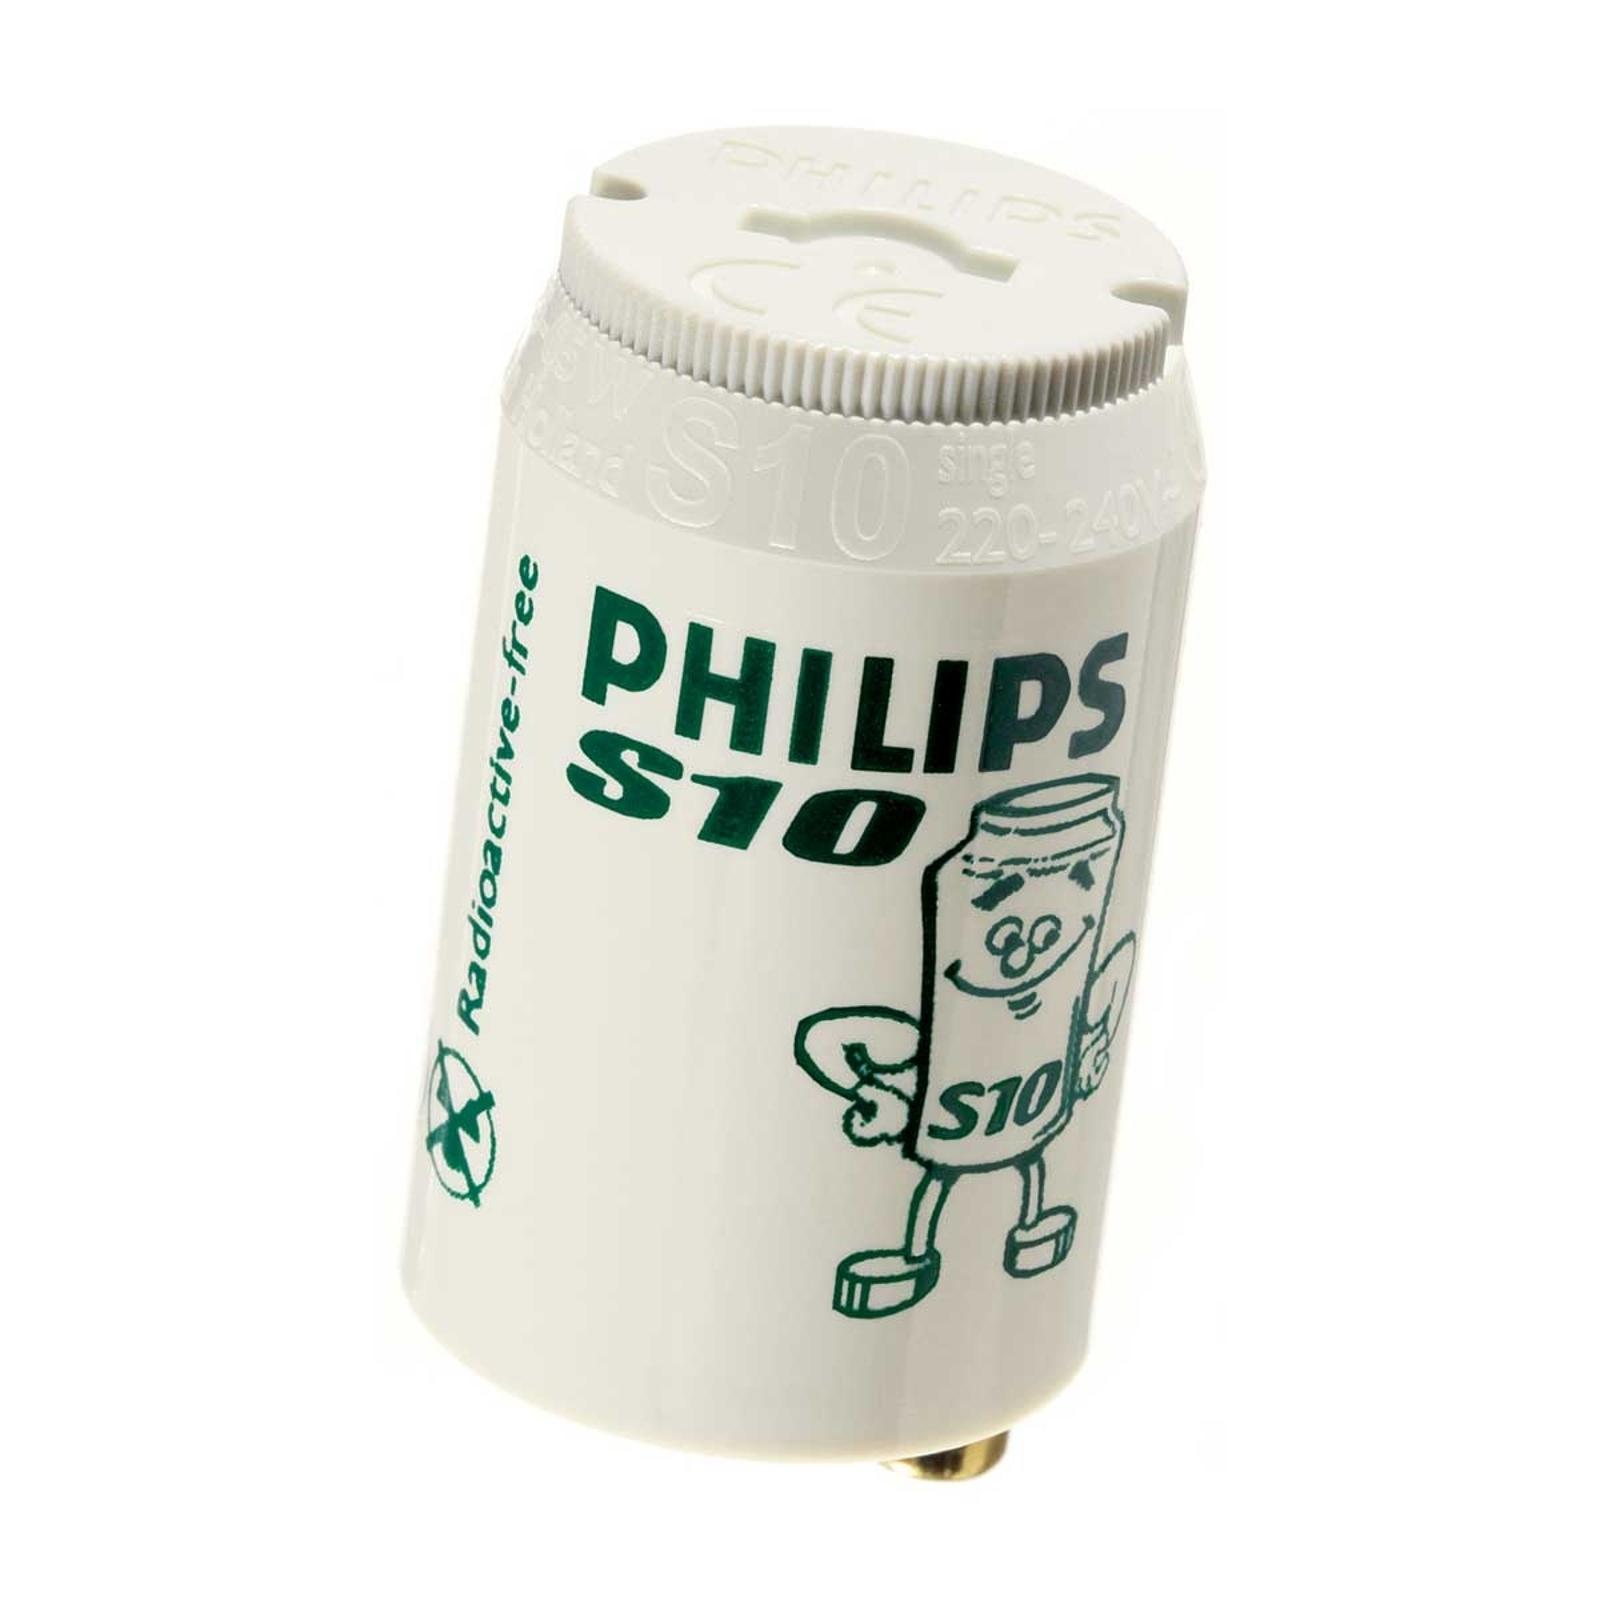 Starter per lampadine a fluorescenza S10 - Philips